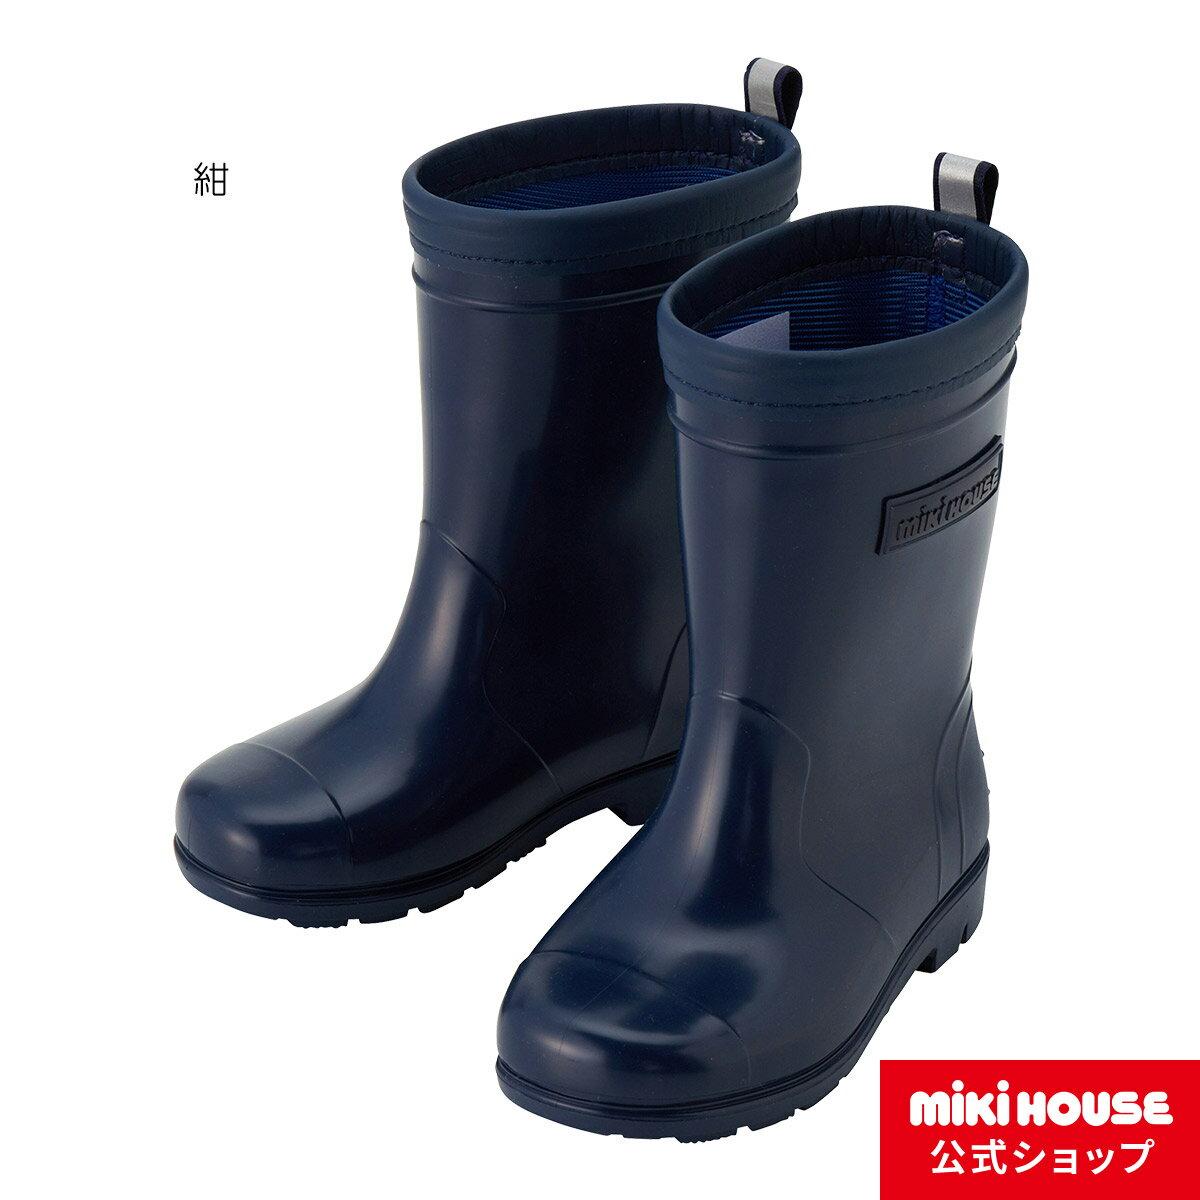 【全品10倍ポイント(9/21-9/26)】ミキハウス mikihouse mikihouse☆レインブーツ(長靴)(15cm-20cm)